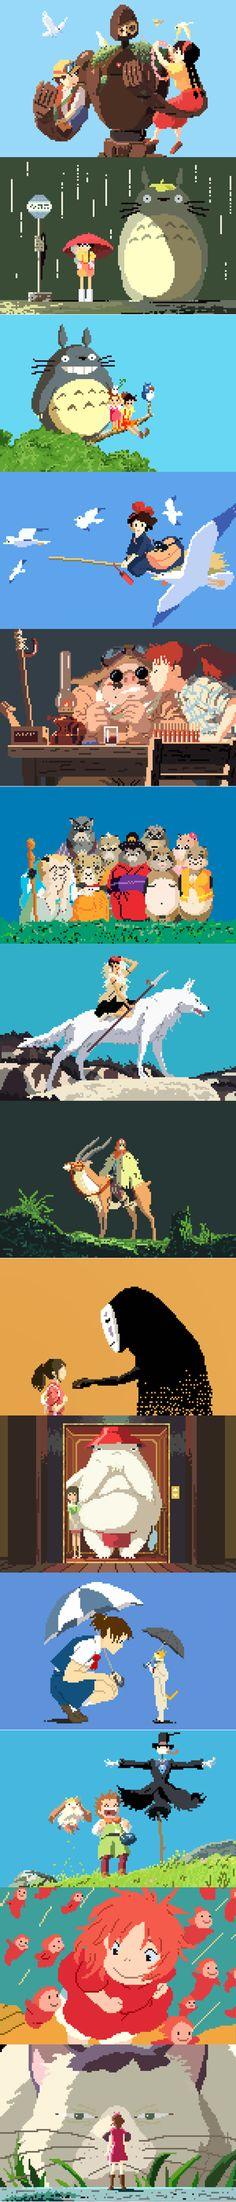 Ghibli, tribute to Hayao Miyazaki by Richard J. Hayao Miyazaki, Pixel Art, Film Animation Japonais, Game Design, Pom Poko, Fanart Manga, 8bit Art, Studio Ghibli Movies, Castle In The Sky